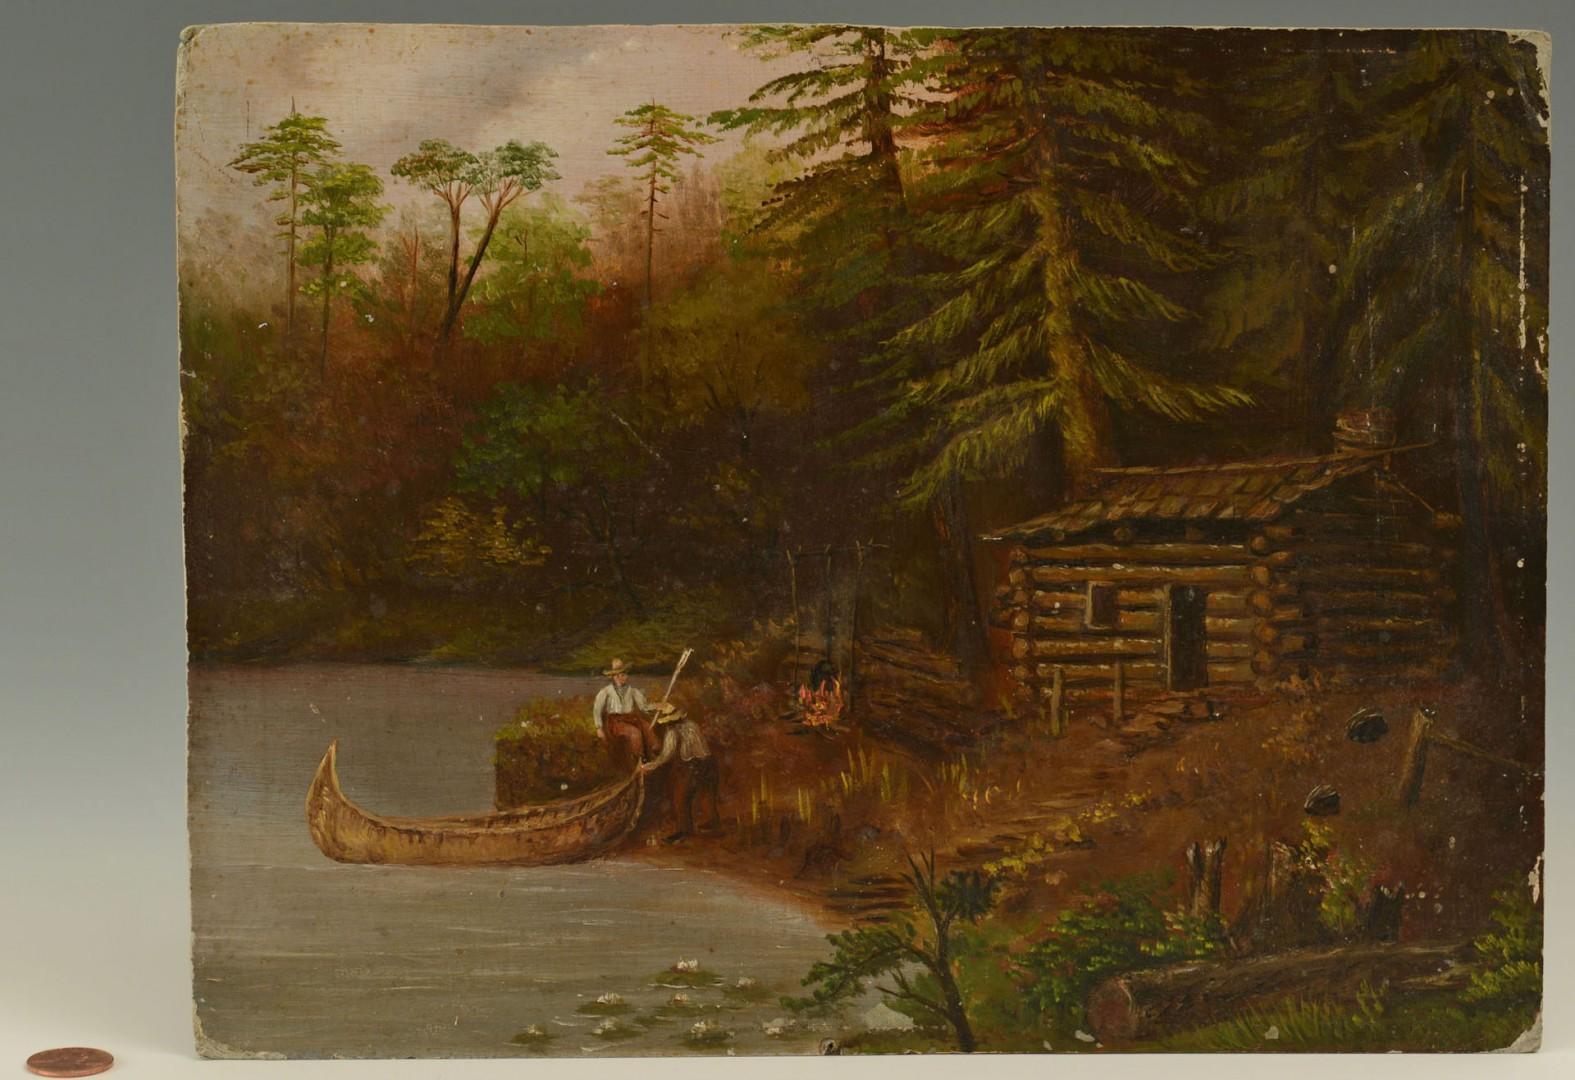 Oil on Board Landscape of Log Cabin & Canoe